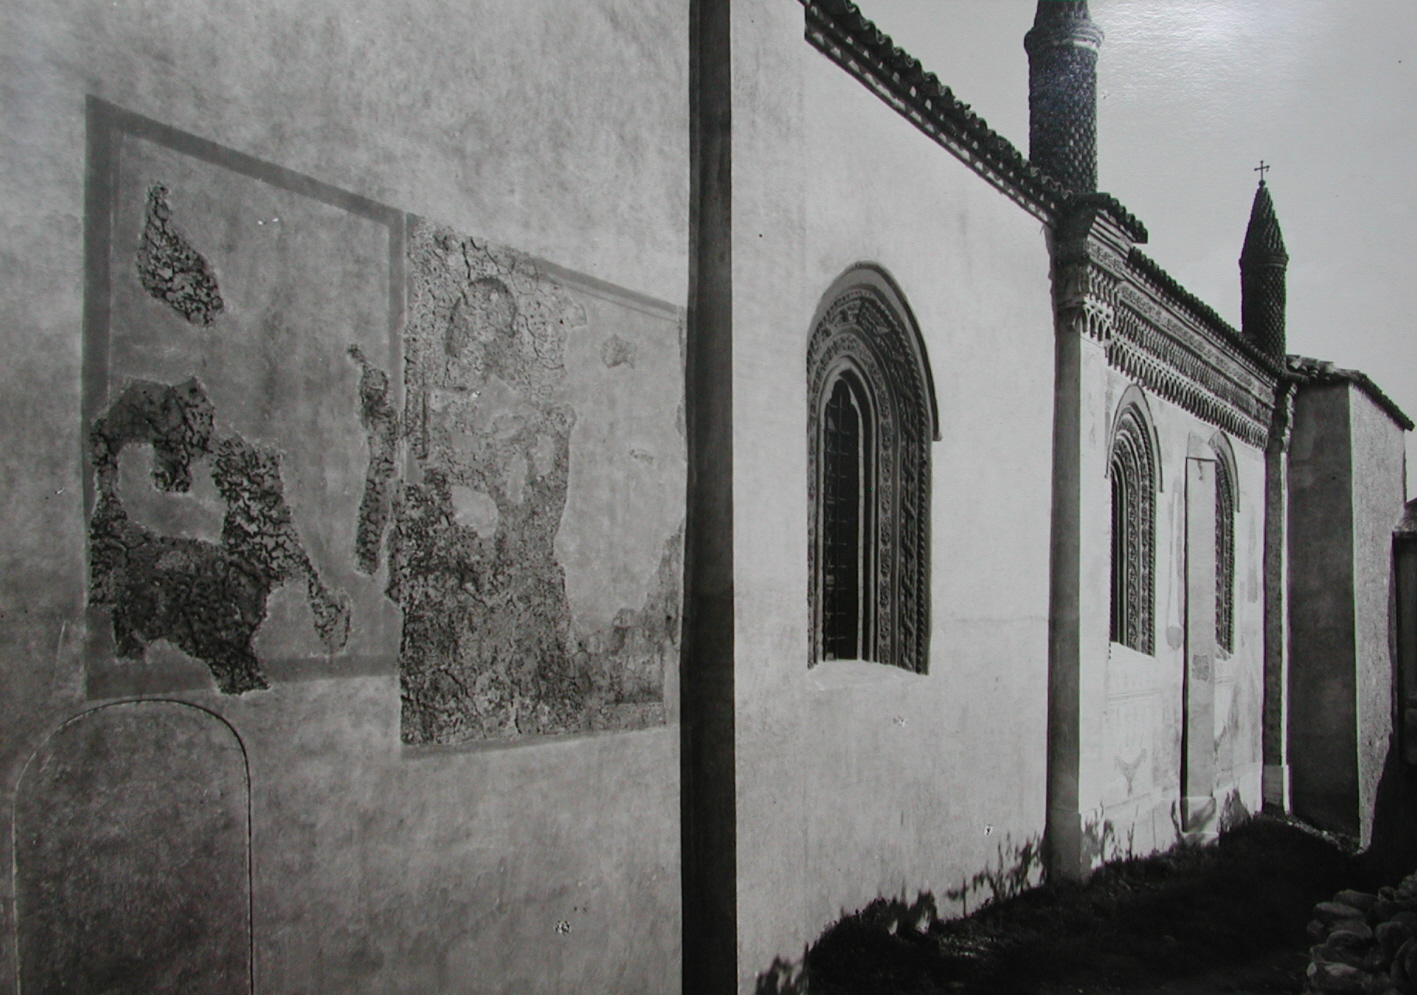 RESTAURO AFFRESCHI ESTERNI DELLA CHIESA DI SAN GIORGIO IN VALPERGA